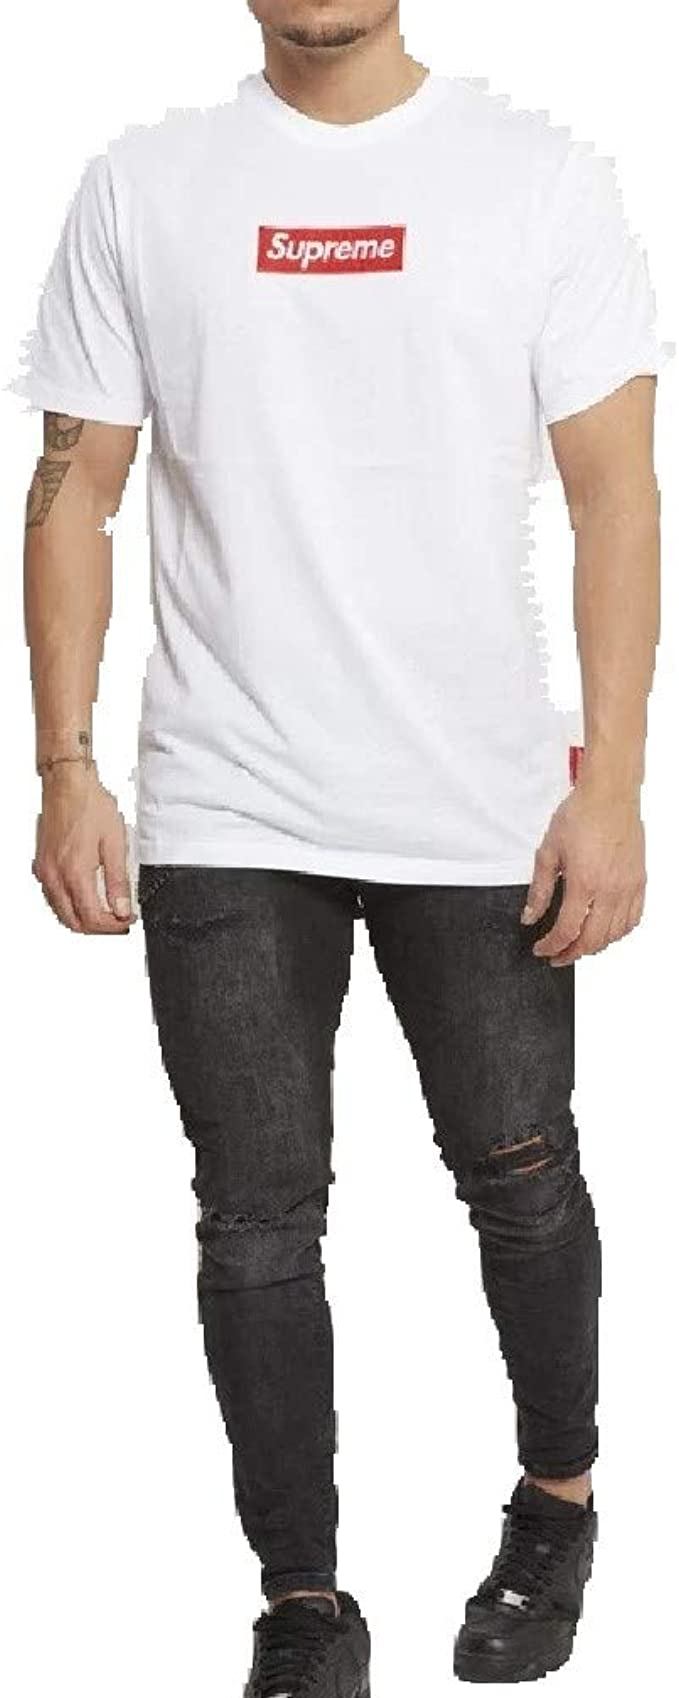 Supreme Italia - Camiseta con diseño Hombre suts 1103 Blanco Dope Skate Streetwear Mode, Blanco con Tira roja, M: Amazon.es: Ropa y accesorios